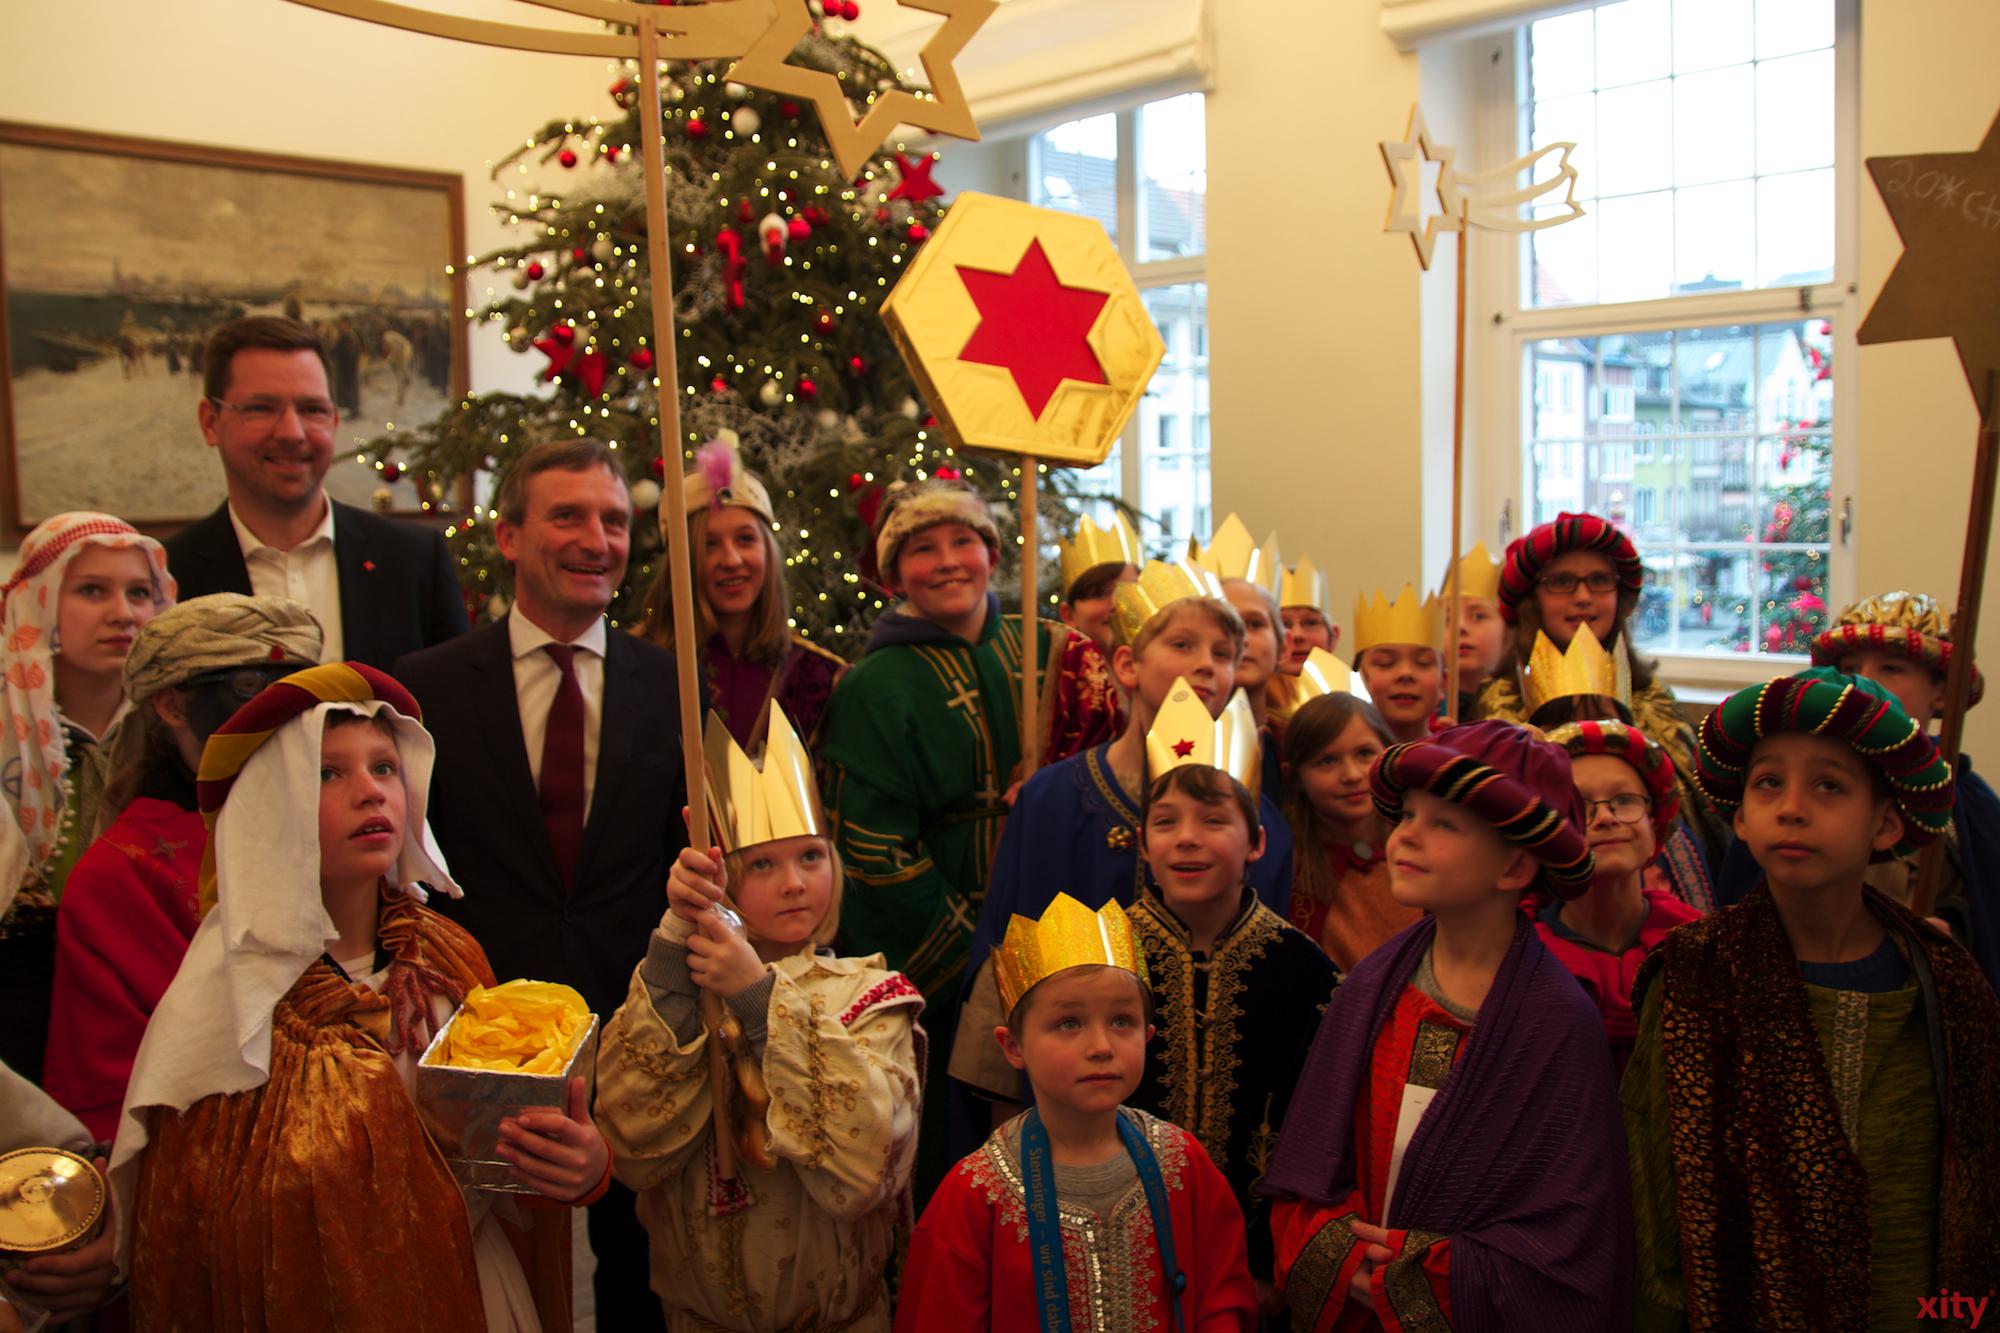 Rund 30 Sternsinger aus Düsseldorf kamen am Mittwoch, 6. Januar, zu Oberbürgermeister Thomas Geisel ins Rathaus (Foto: xity)